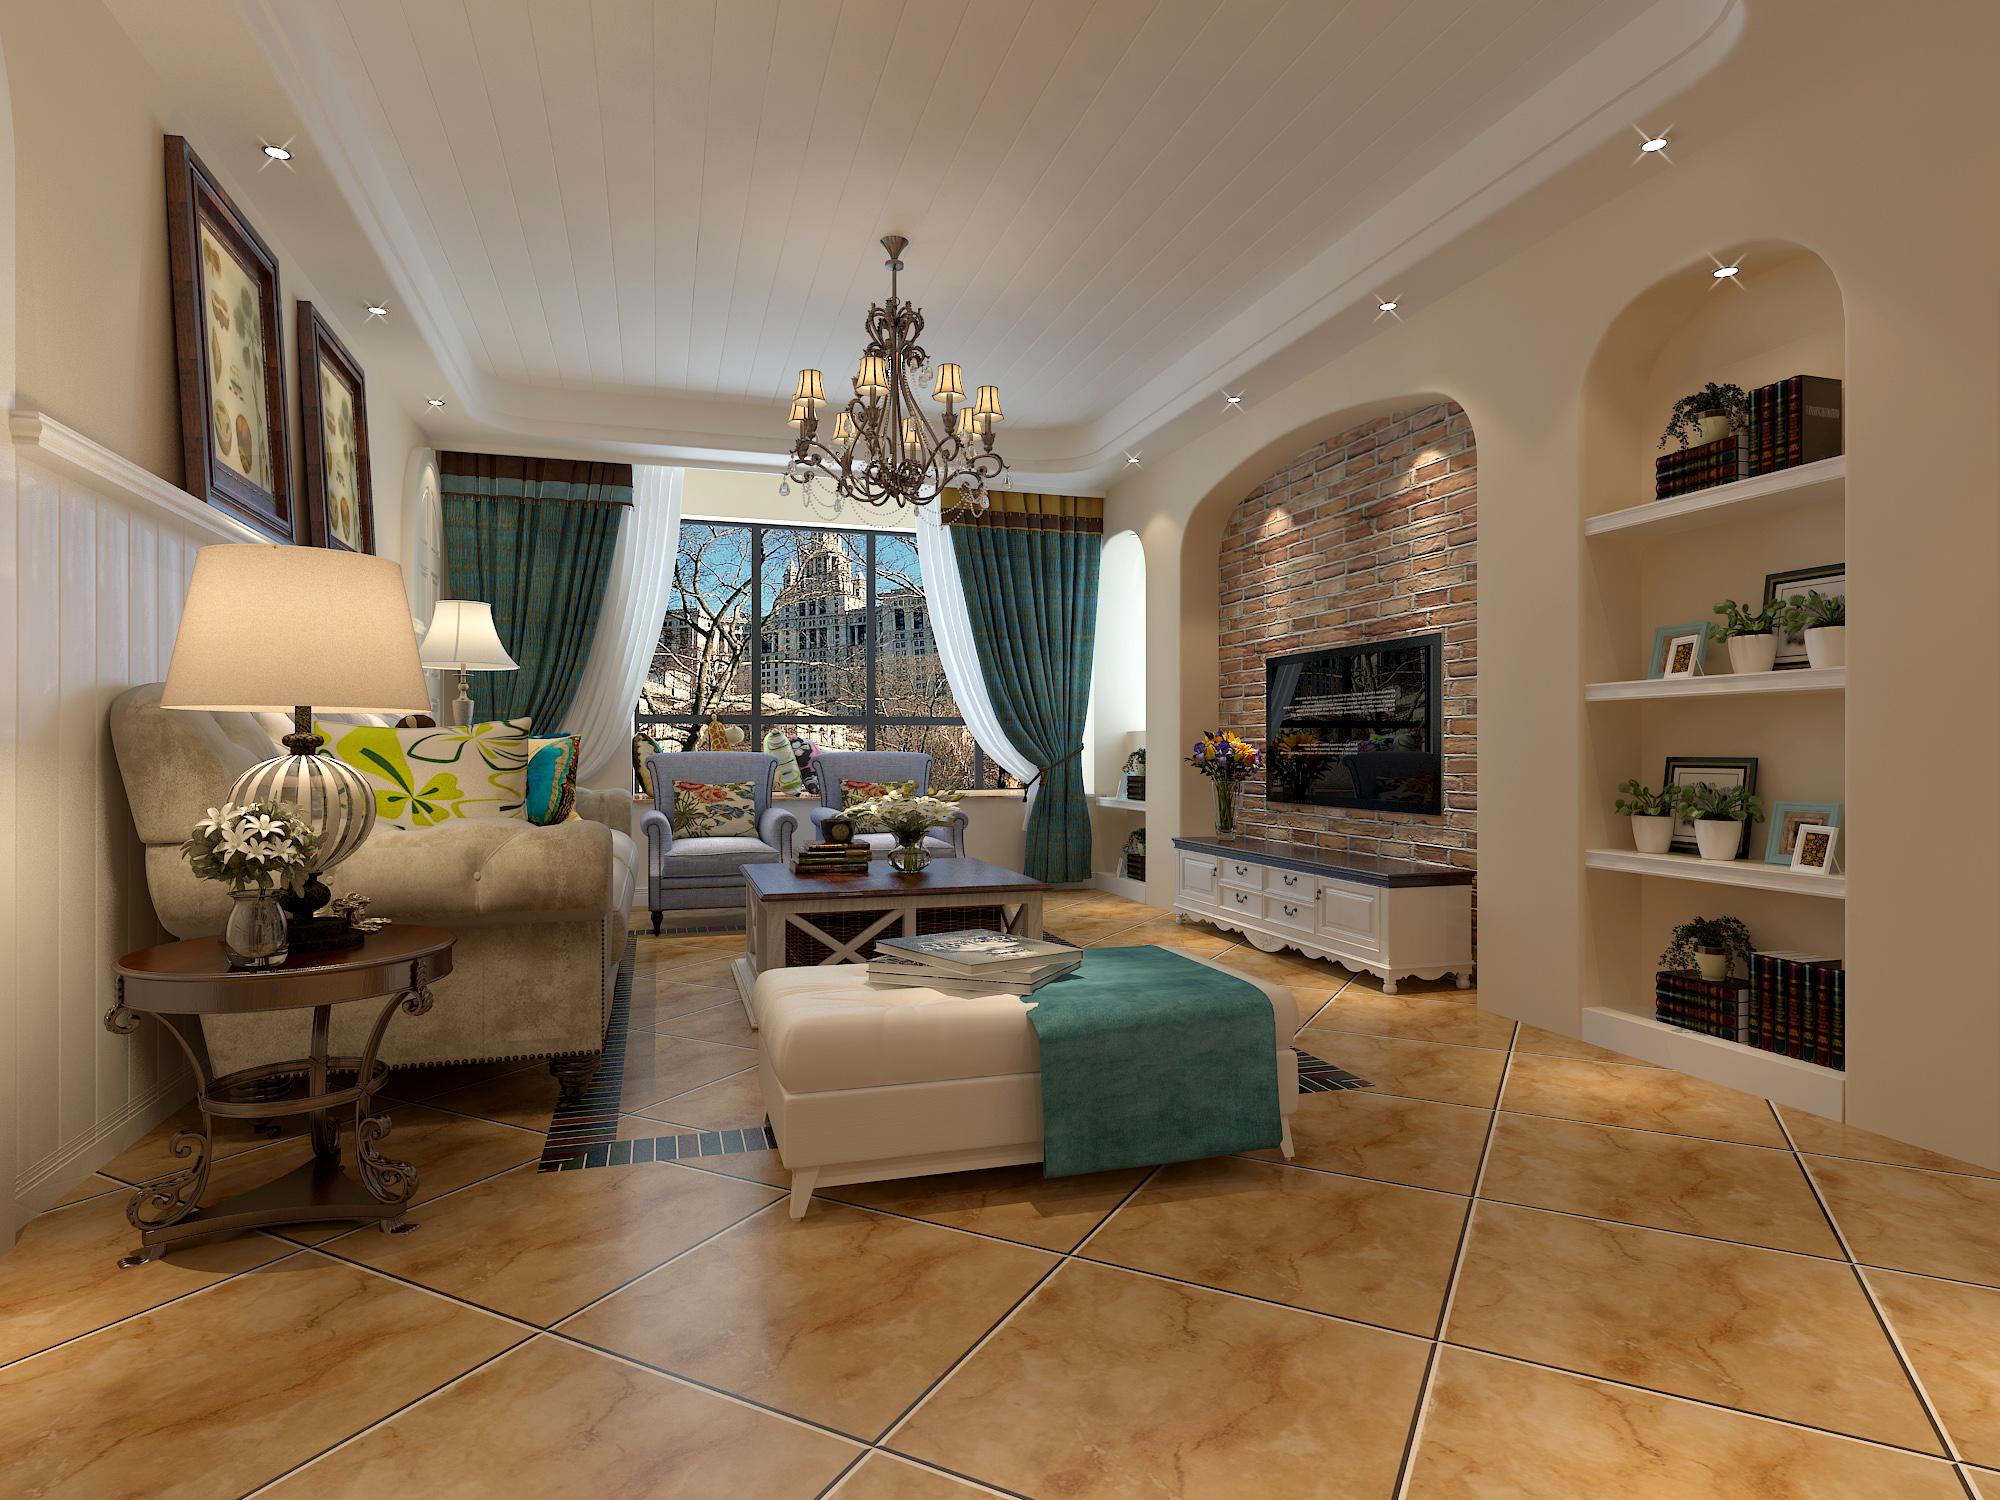 此案为地中海风格,因富有浓郁的地中海人文风情和地域特征而得名。地中海风格装修是最富有人文精神和艺术气质的装修风格之一。它通过空间设计上连续的拱门、马蹄形窗等来体现空间的通透,用栈桥状露台,开放式房间功能分区体现开放性,通过一系列开放性和通透性的建筑装饰语言来表达地中海装修风格的自由精神内涵;同时,它通过取材天然的材料方案,来体现向往自然,亲近自然感受自然的生活情趣,进而体现地中海风格的自然思想内涵;地中海风格装修还通过以海洋的蔚蓝色为基色调的颜色搭配方案,自然光线的巧妙运用,富有流线及梦幻色彩的线条等软装特点来表述其浪漫情怀;地中海风格装修在家具设计上大量采用宽松、舒适的家具来体现地中海风格装